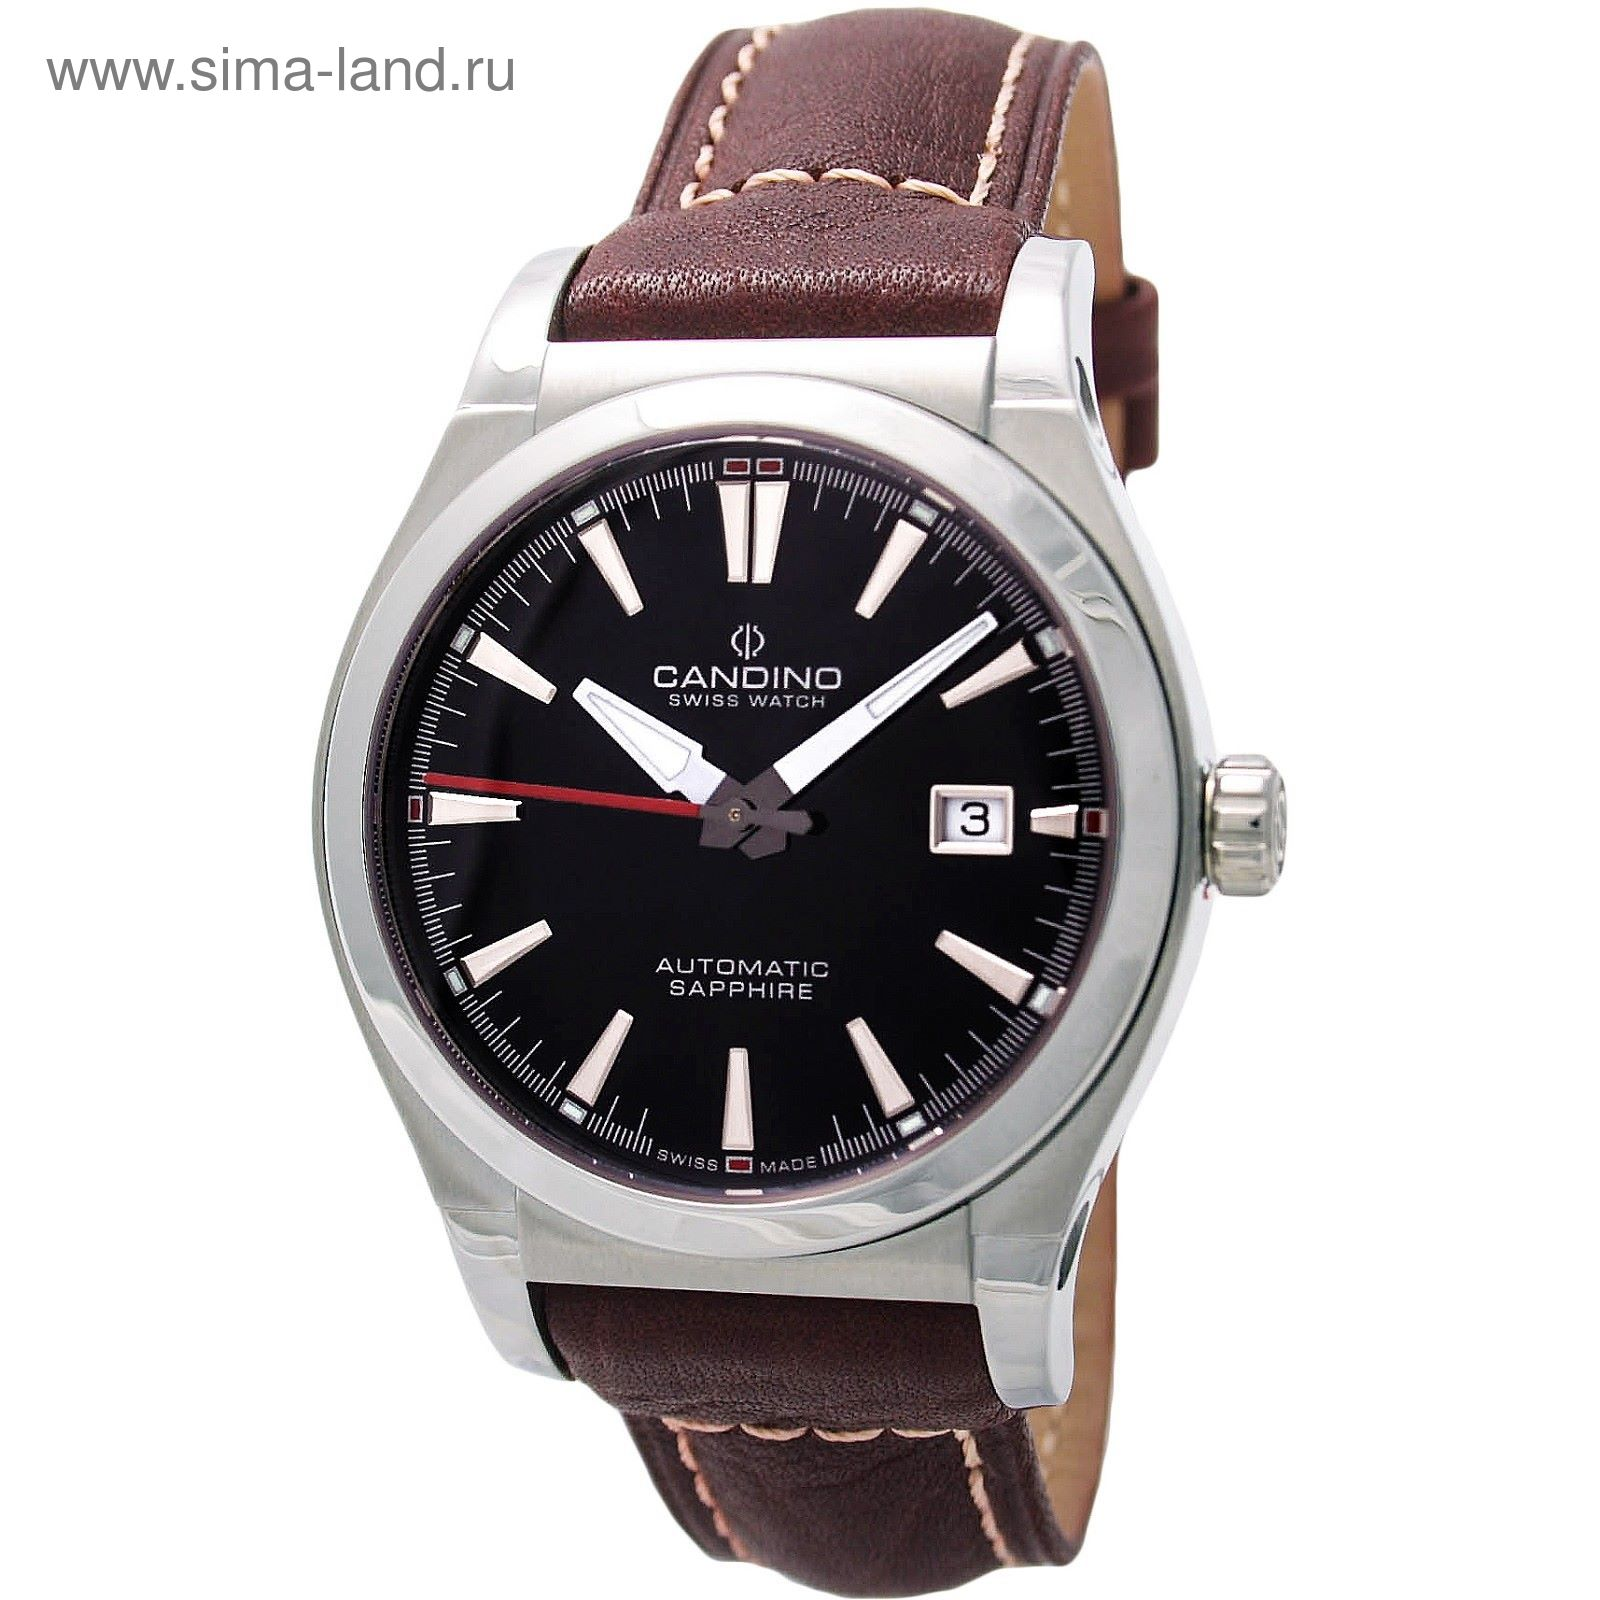 Часы мужские наручные кандино купить часы юнгенс